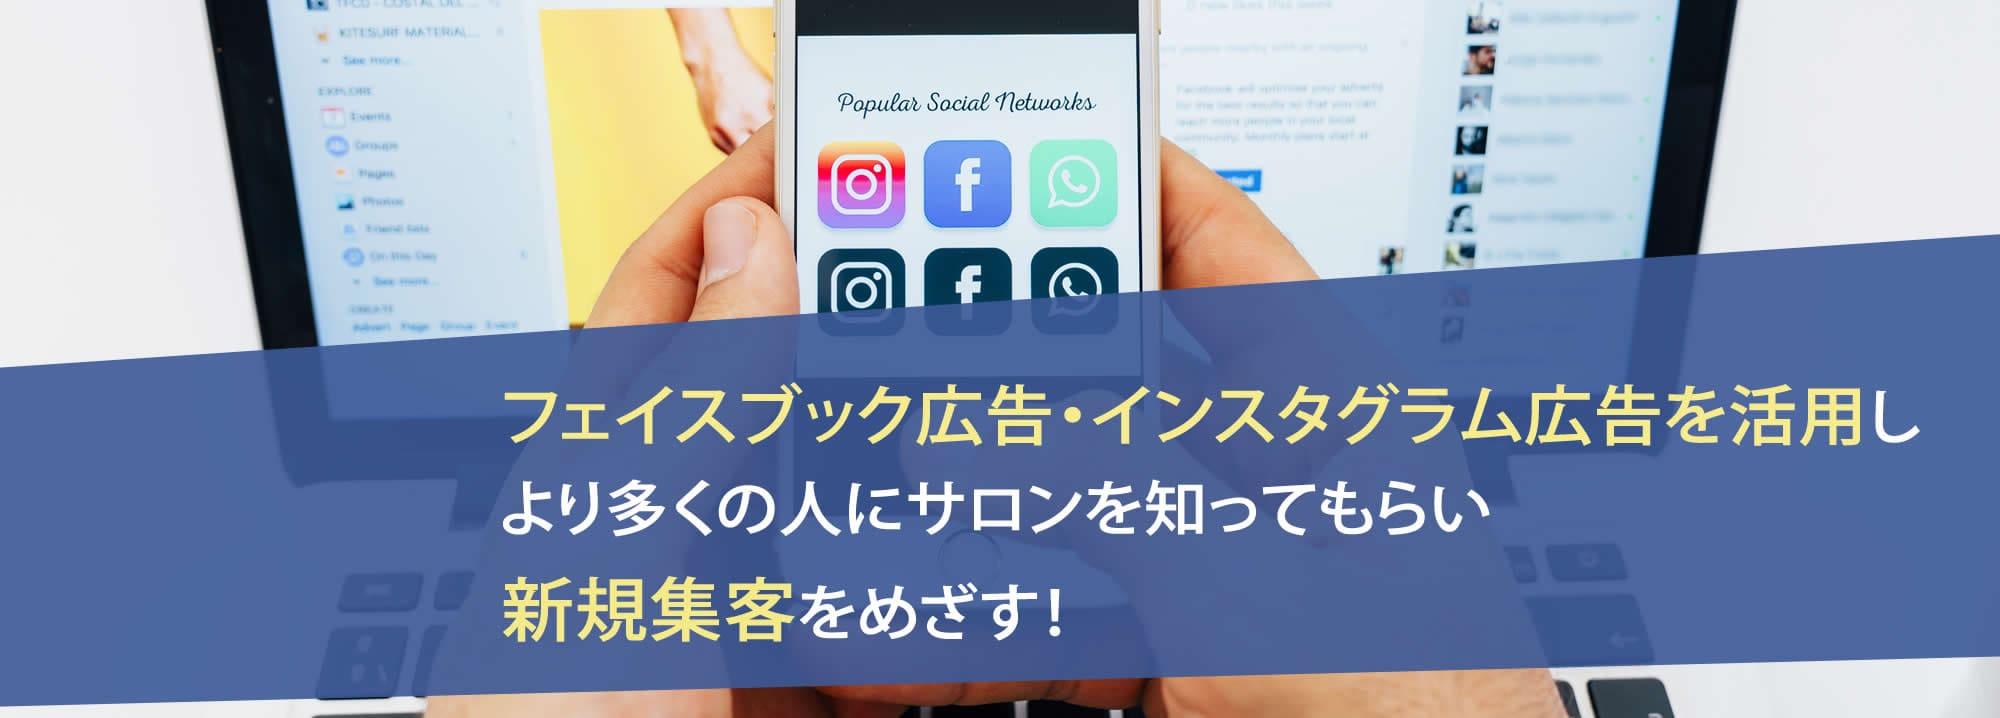 フェイスブック広告・インスタグラム広告を活用し、より多くの人にサロンを知ってもらい新規集客をめざす!